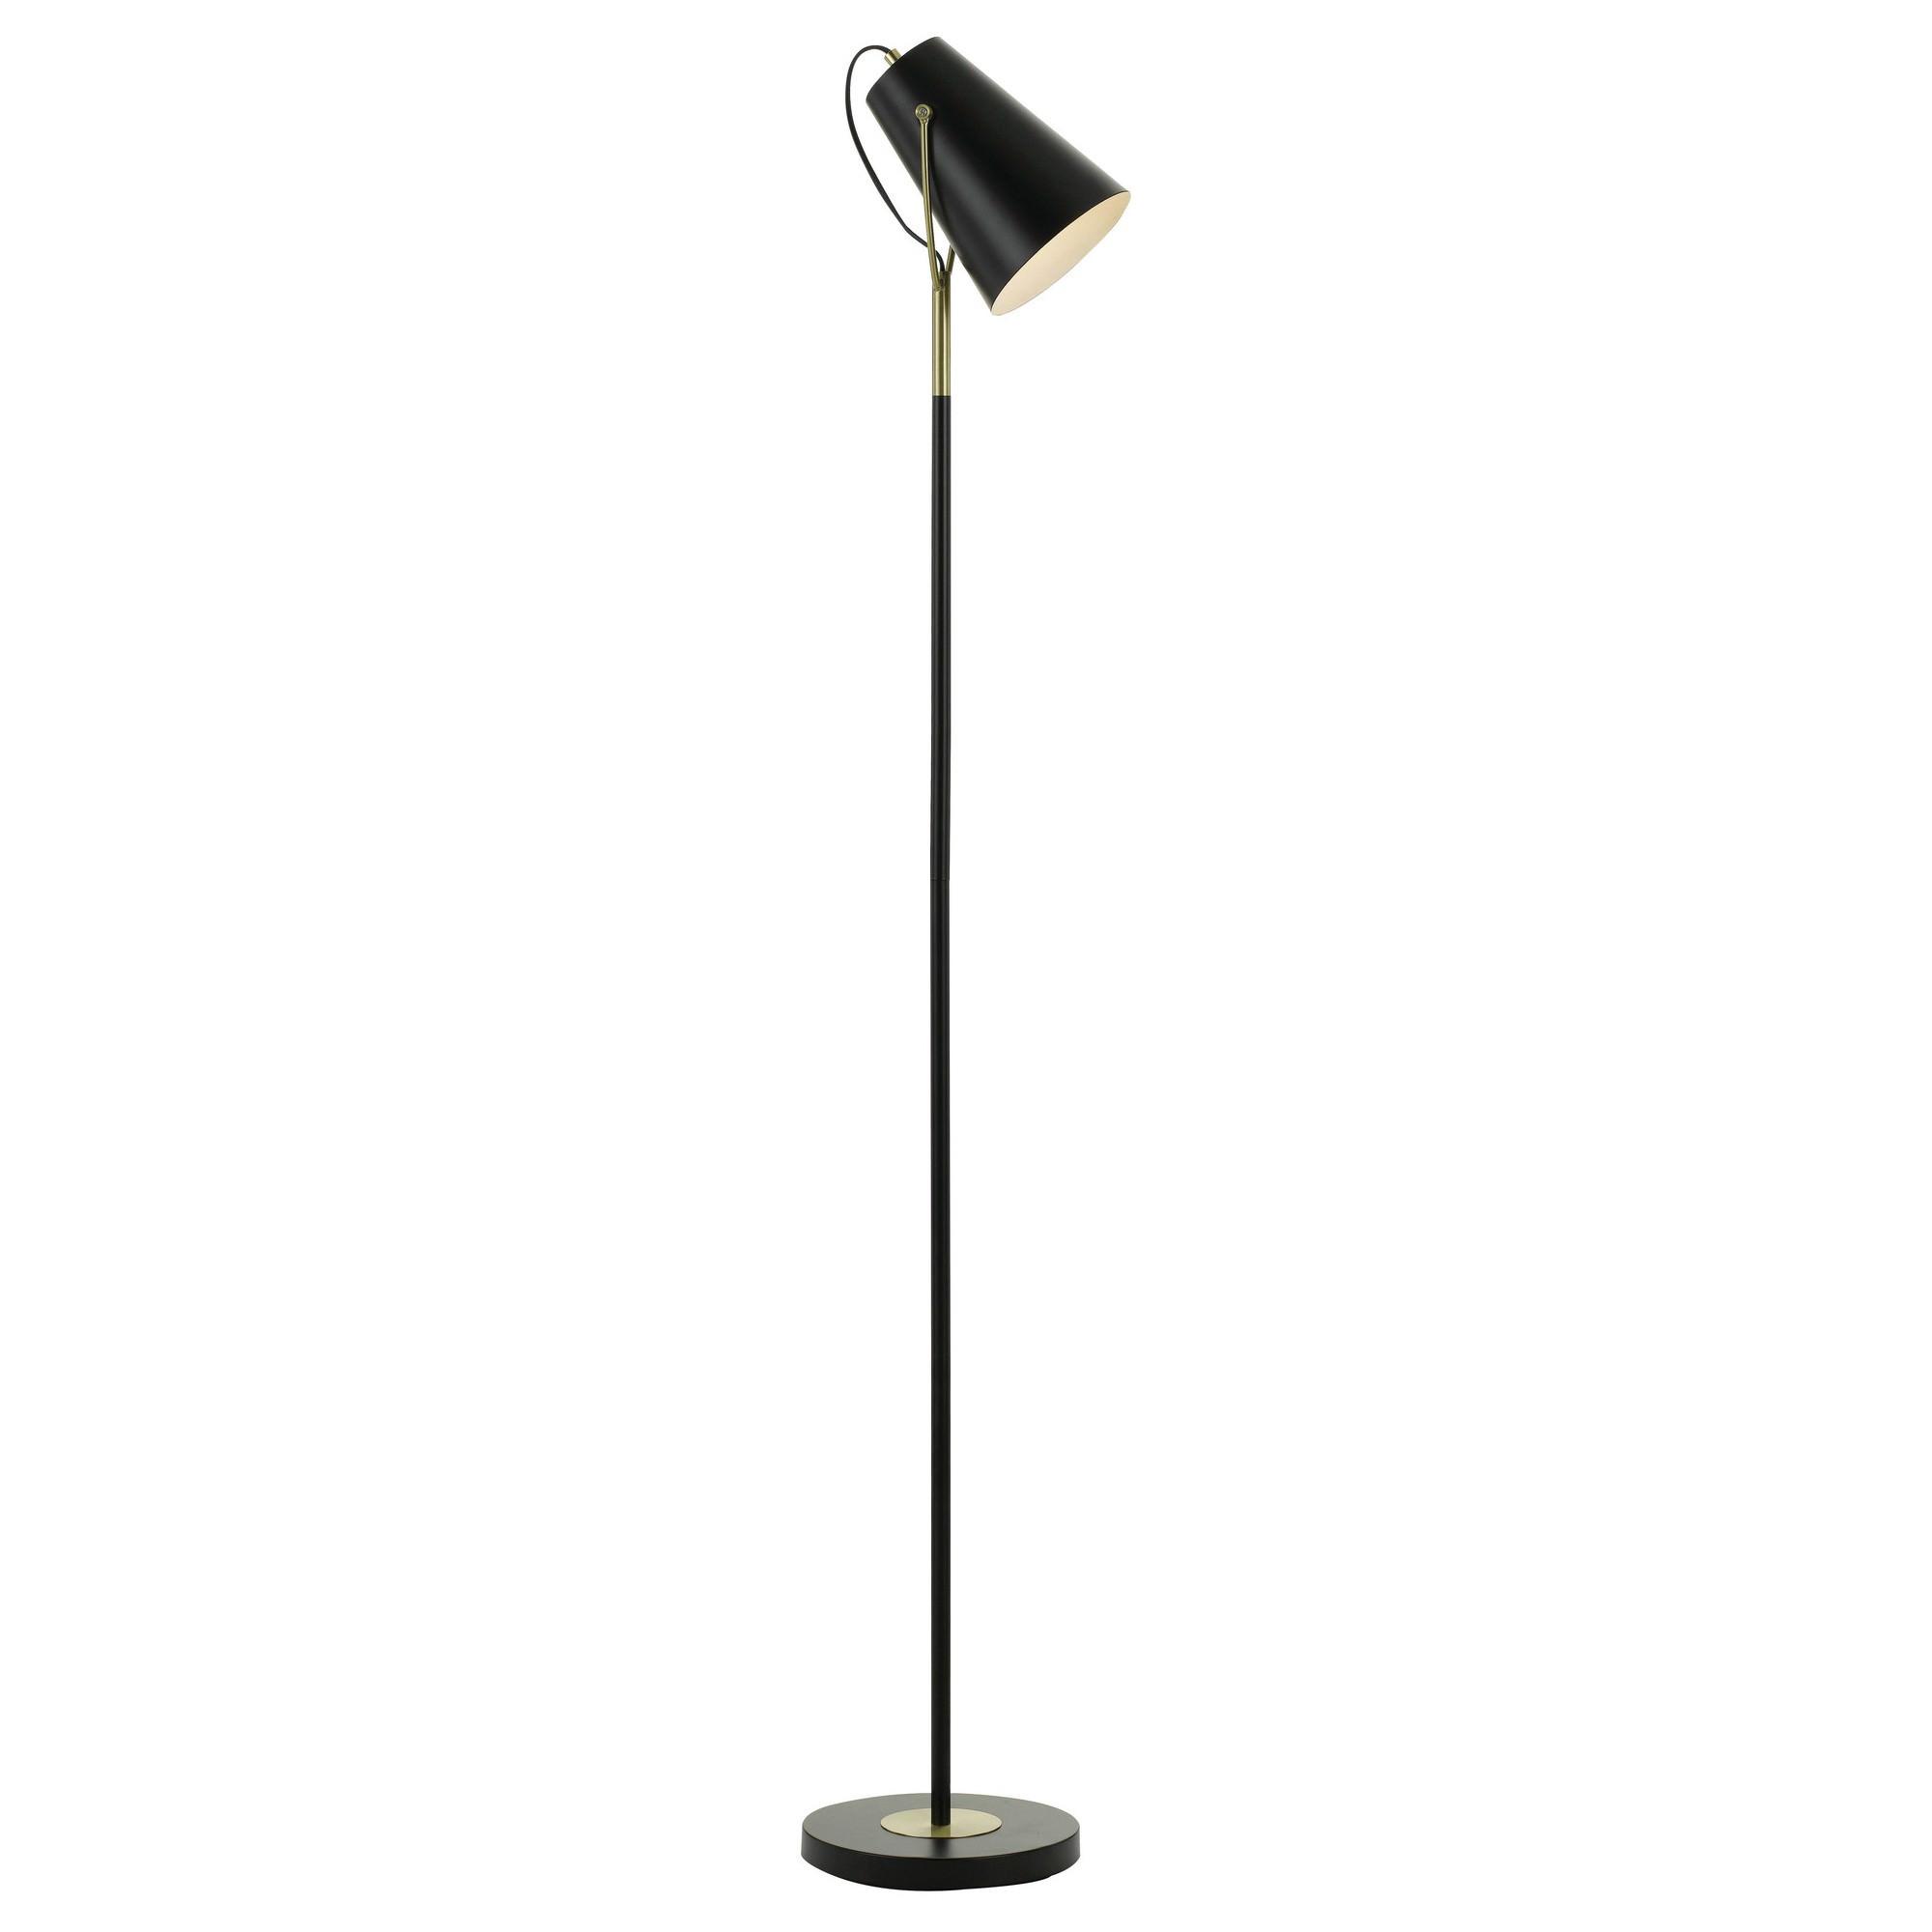 Cheviot Metal Floor Lamp, Black